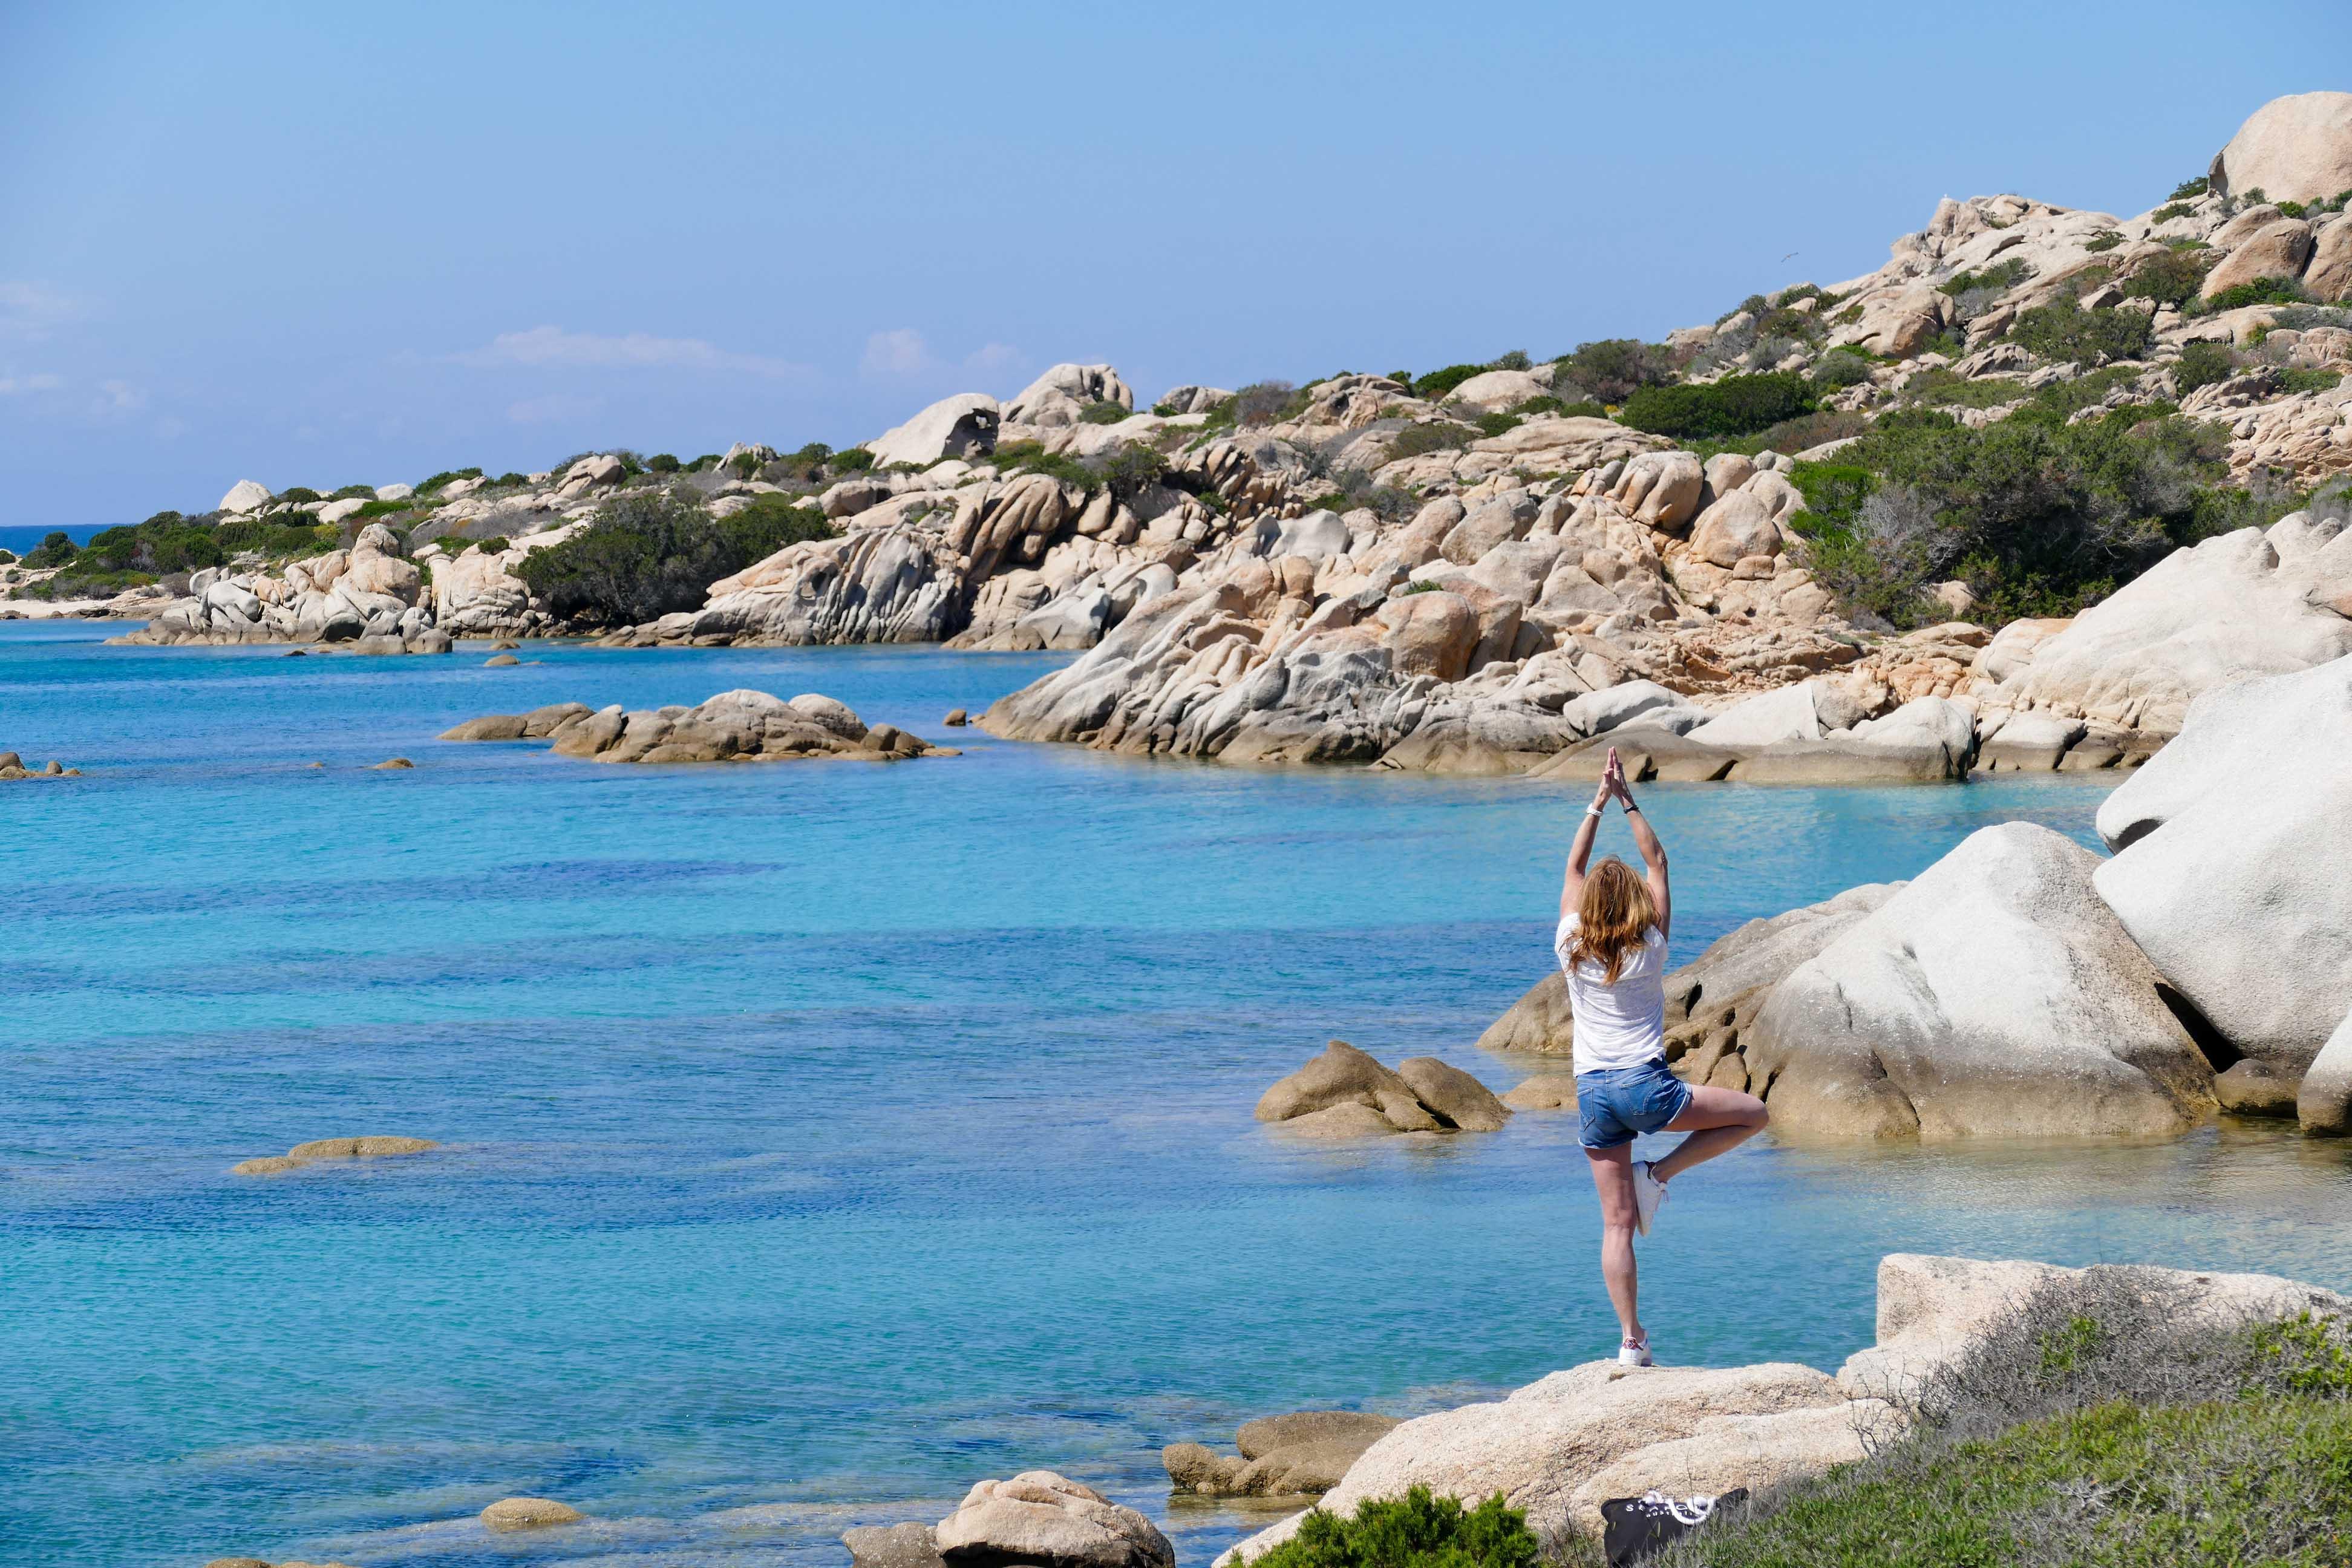 Les plus belles plages des Îles Maddalena en Sardaigne